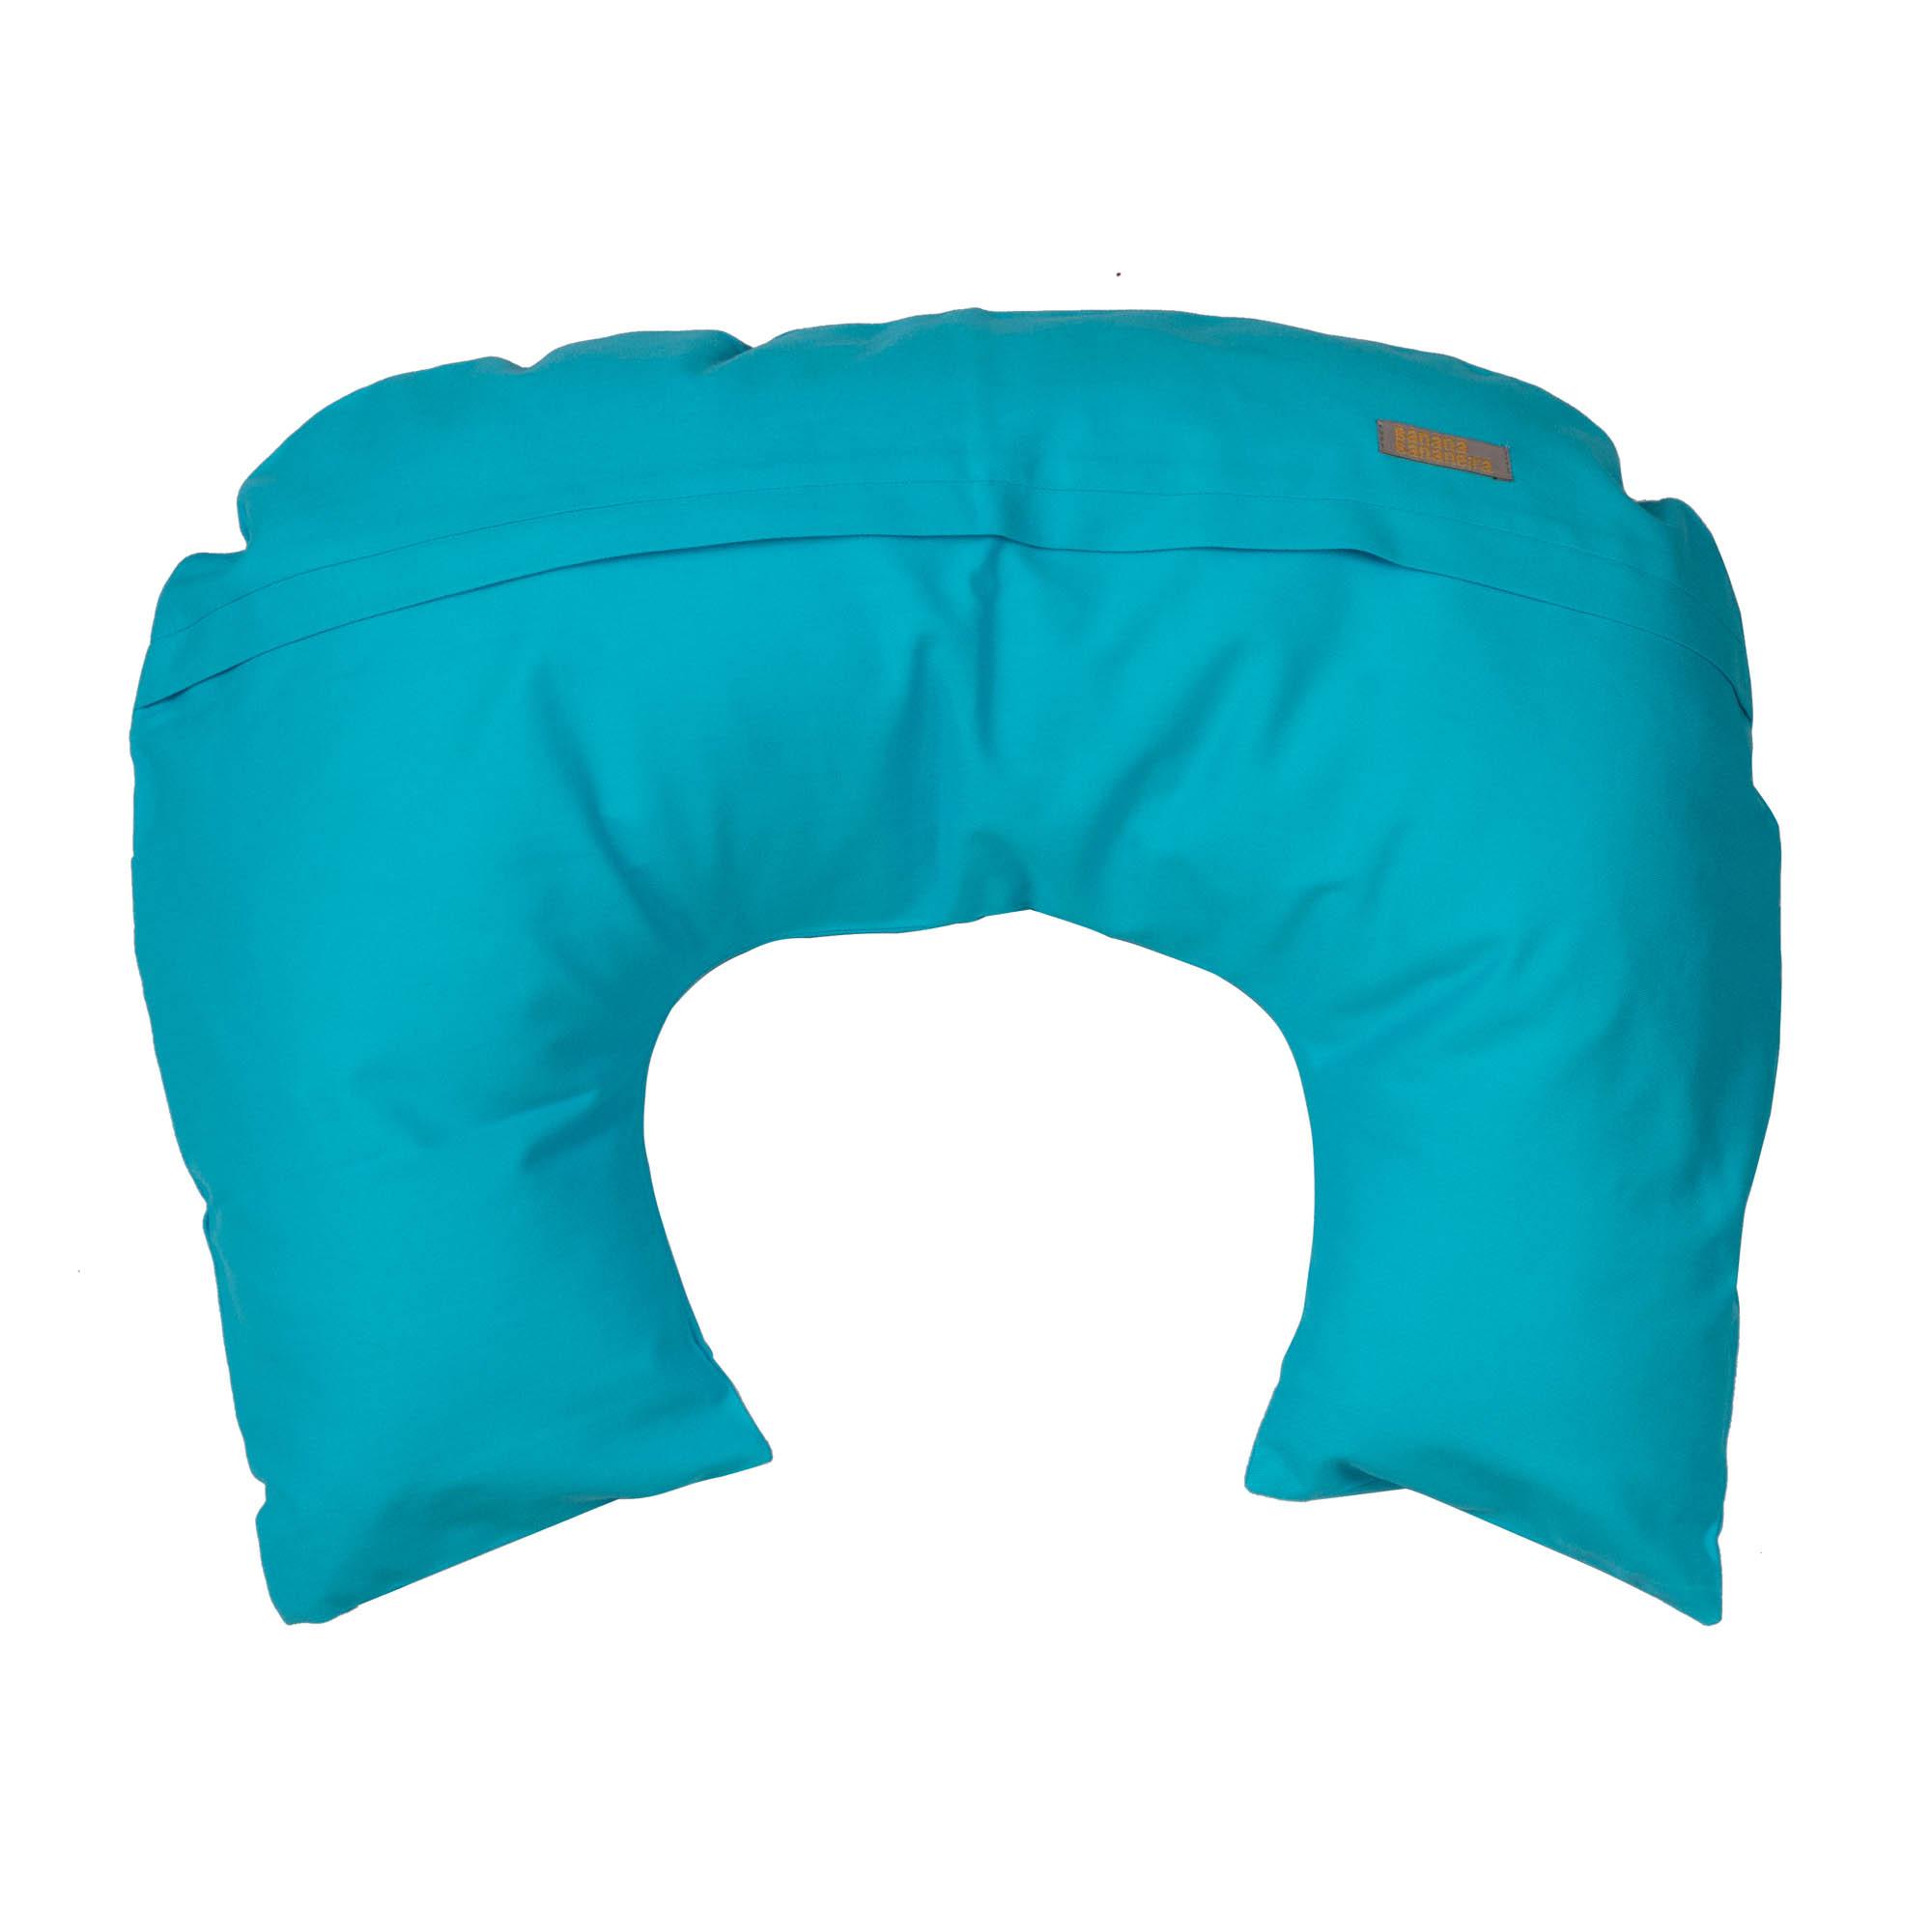 Almofada de amamentação azul turquesa